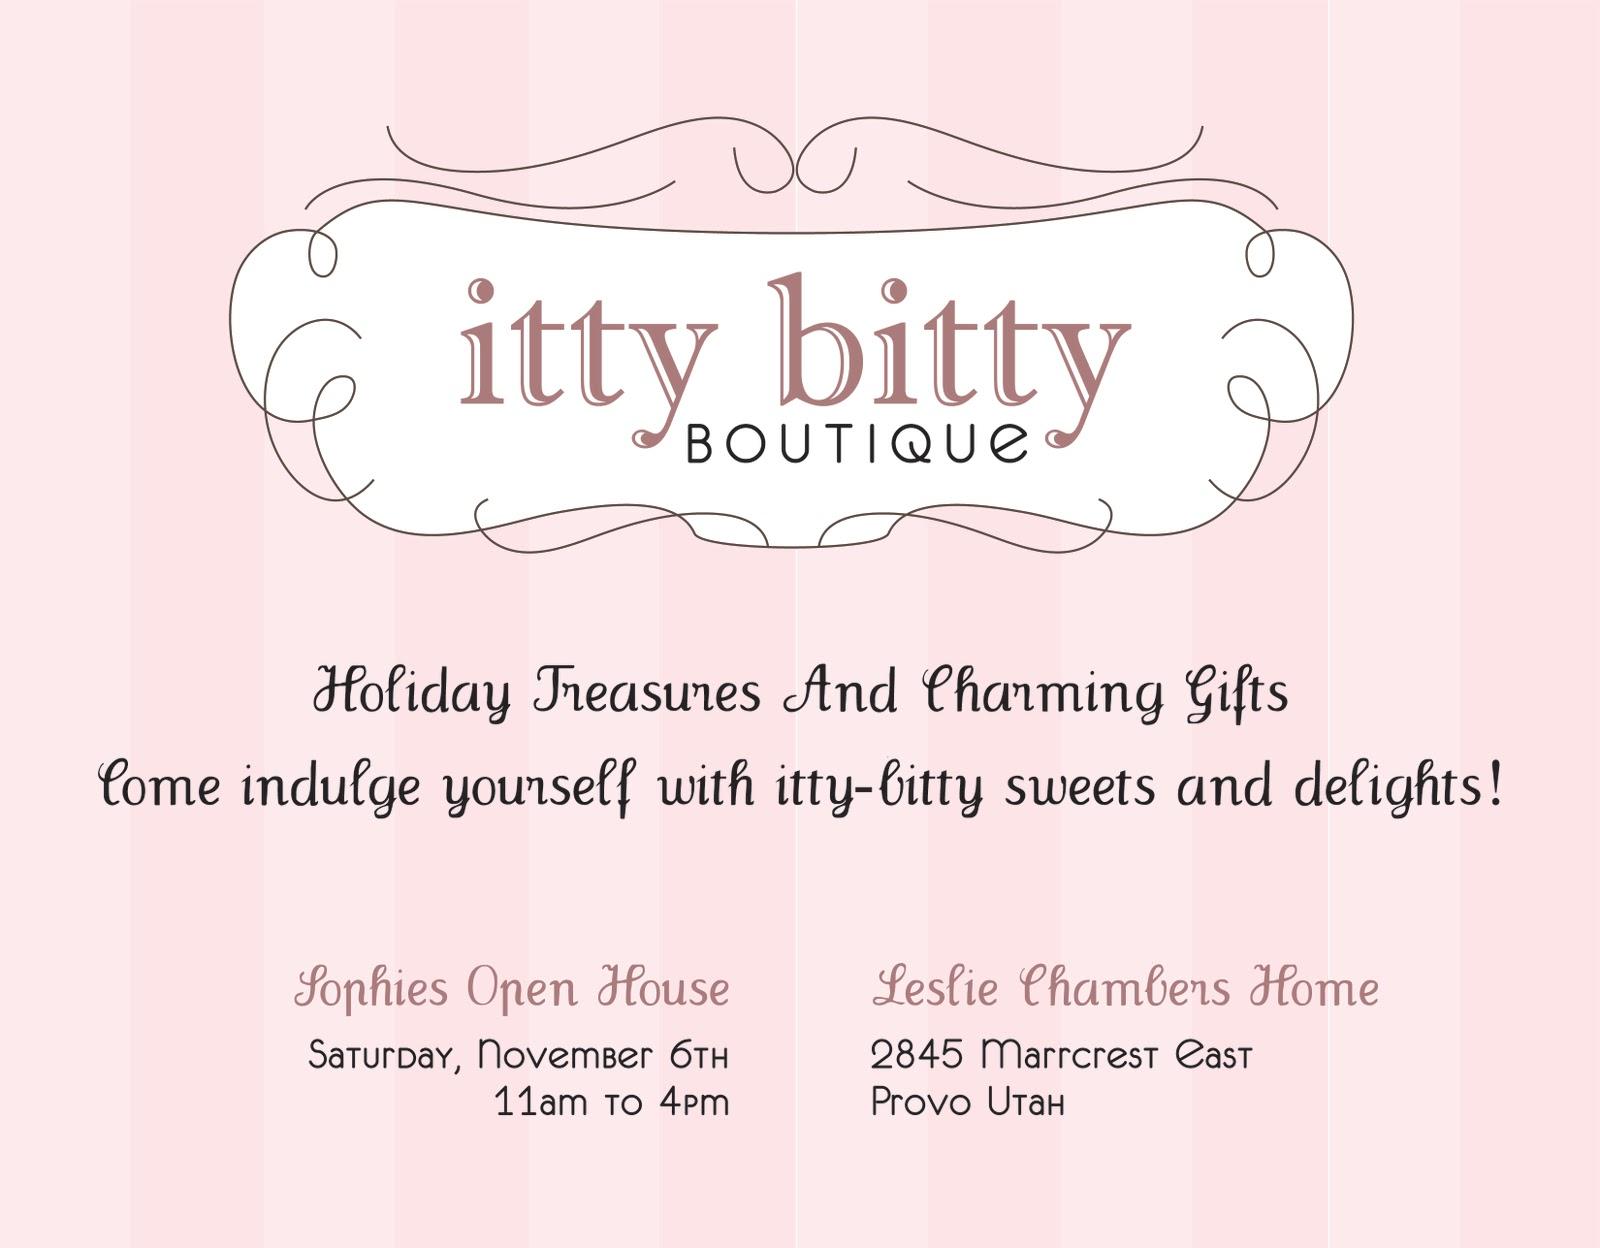 Hillmark design itty bitty boutique invitation itty bitty boutique invitation stopboris Gallery